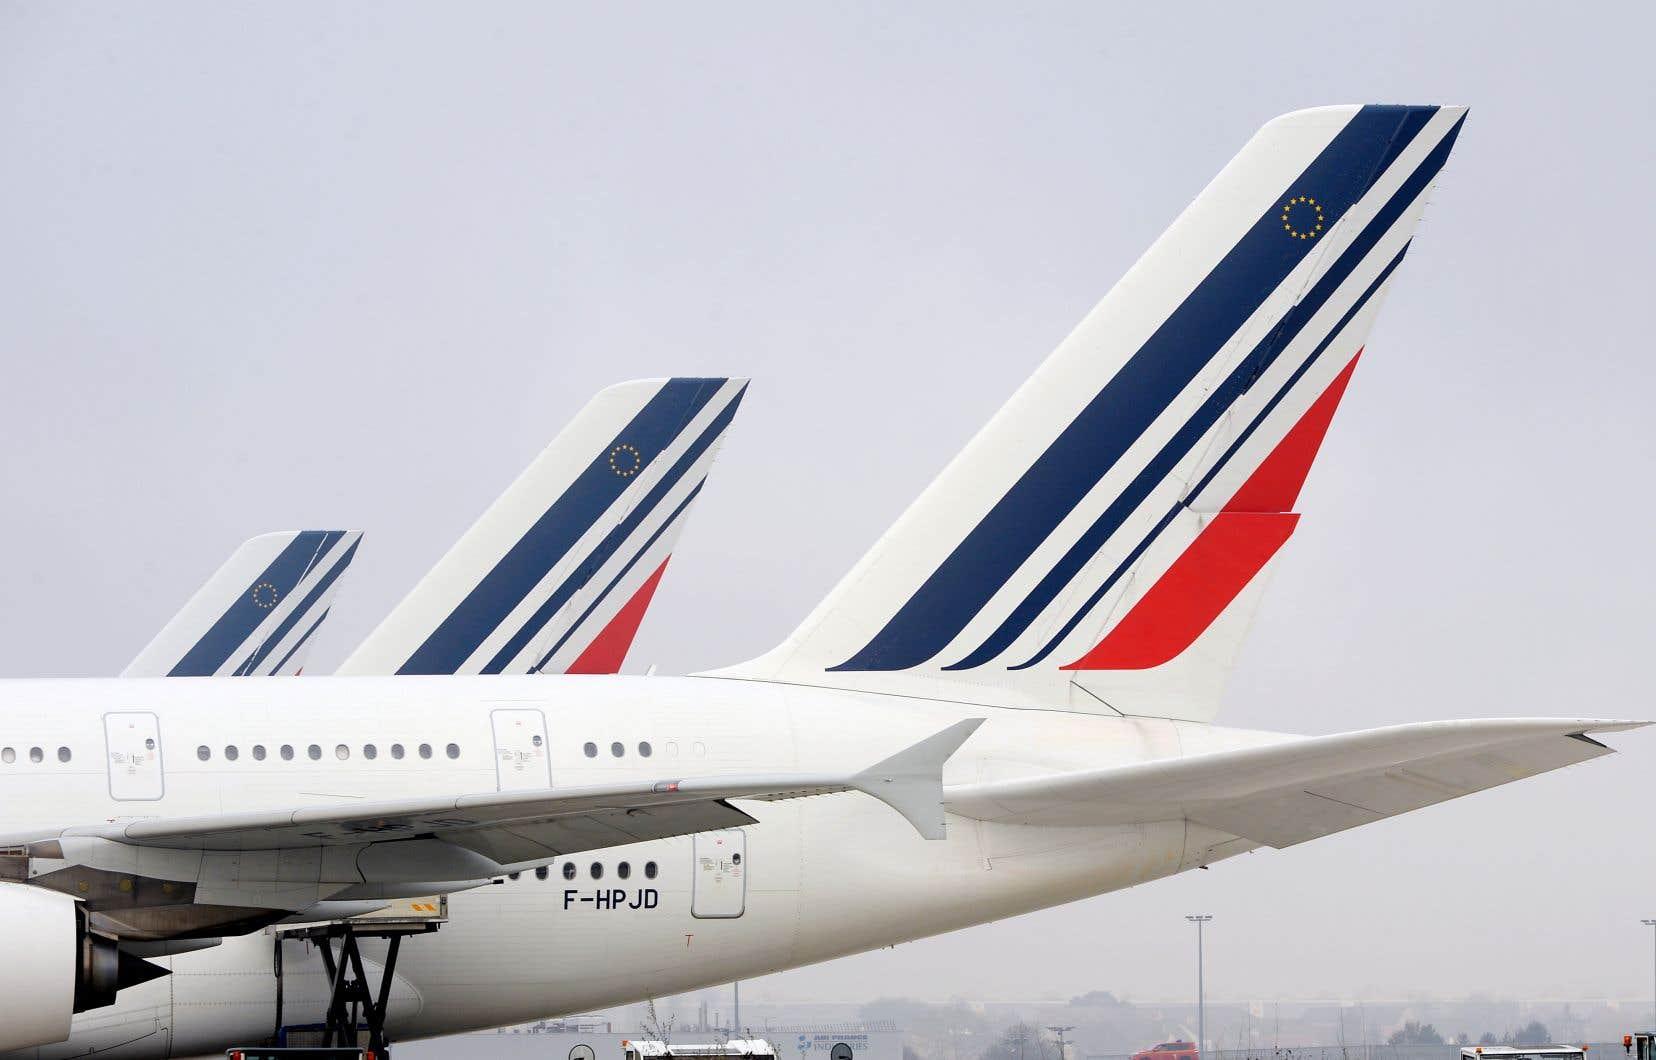 Le quart des vols long-courrier d'Air France et environ le tiers de ses vols moyen-courrier qui devaient se poser à, ou décoller de, l'aéroport Charles-de-Gaulle seront annulés.